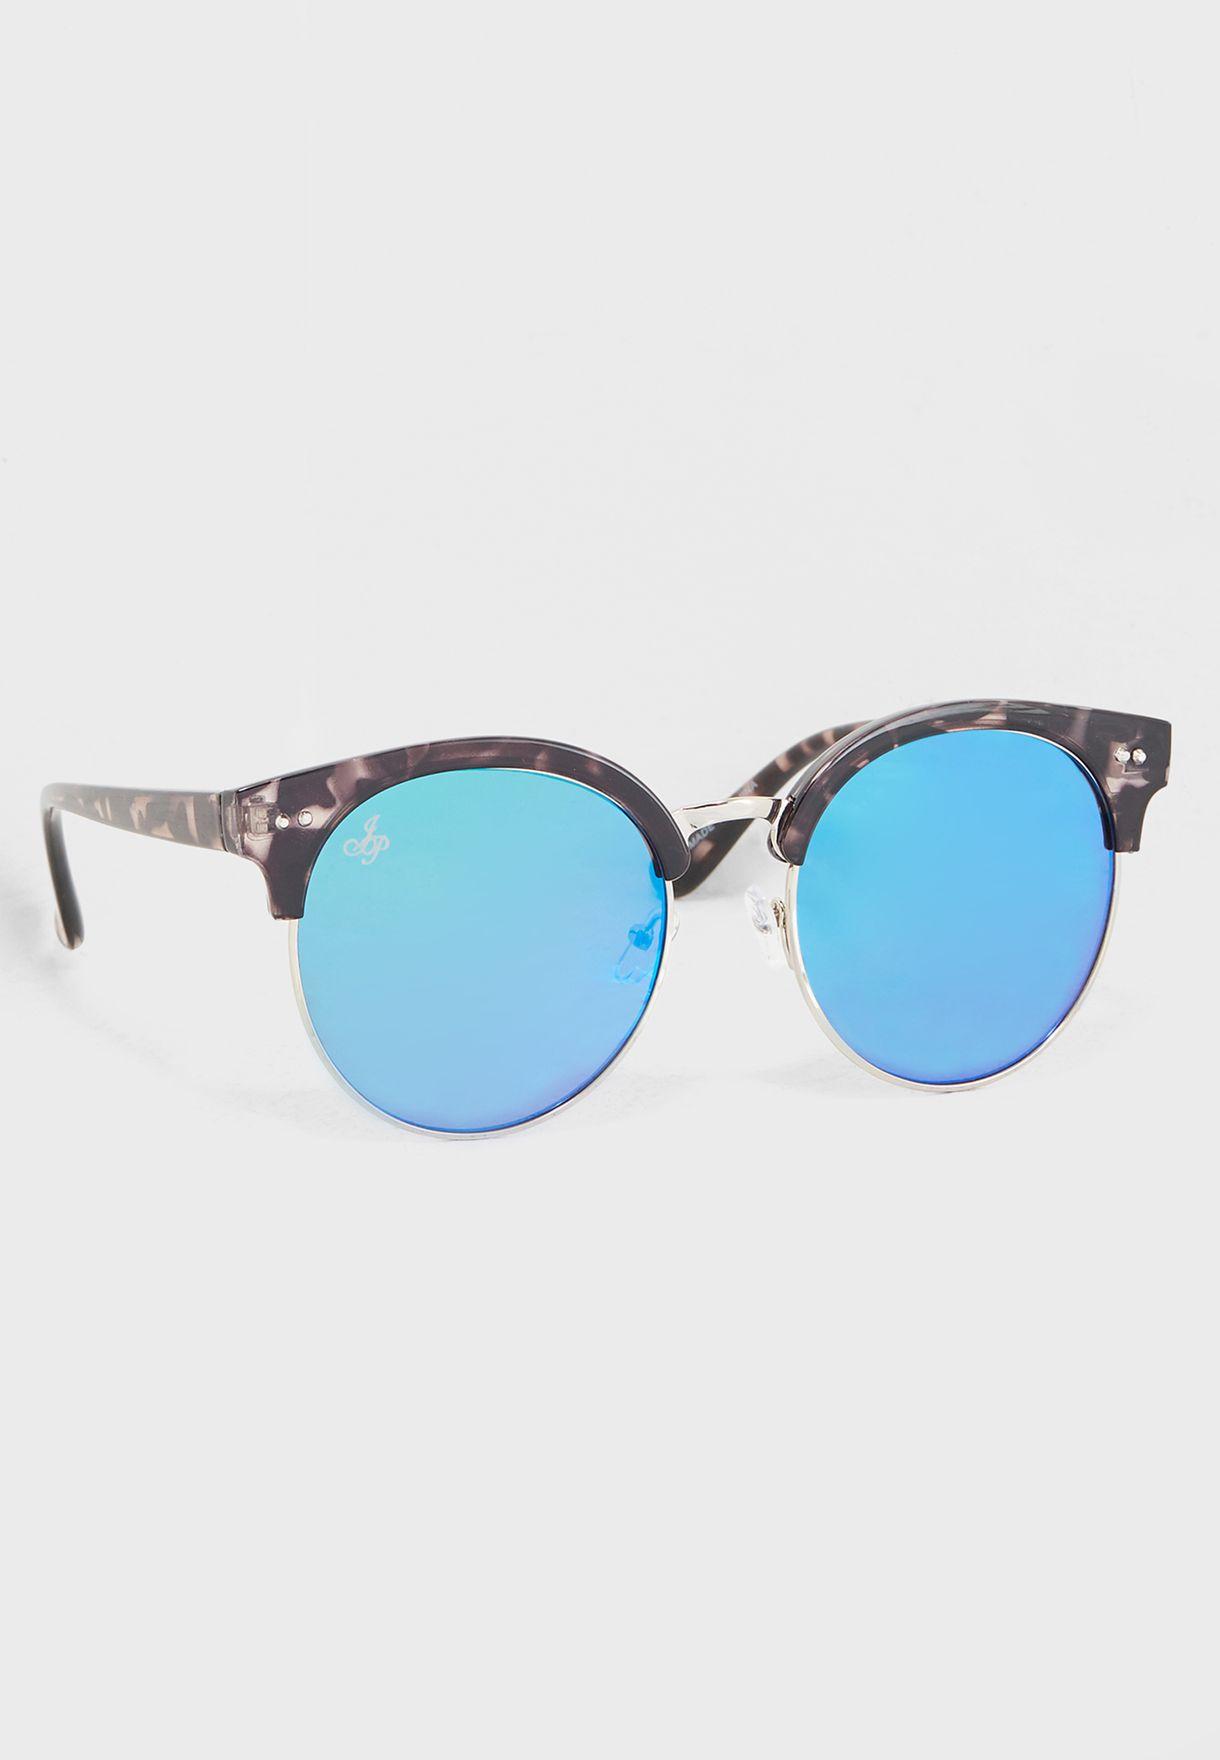 نظارات شمسية دائرية بإطار رخامي